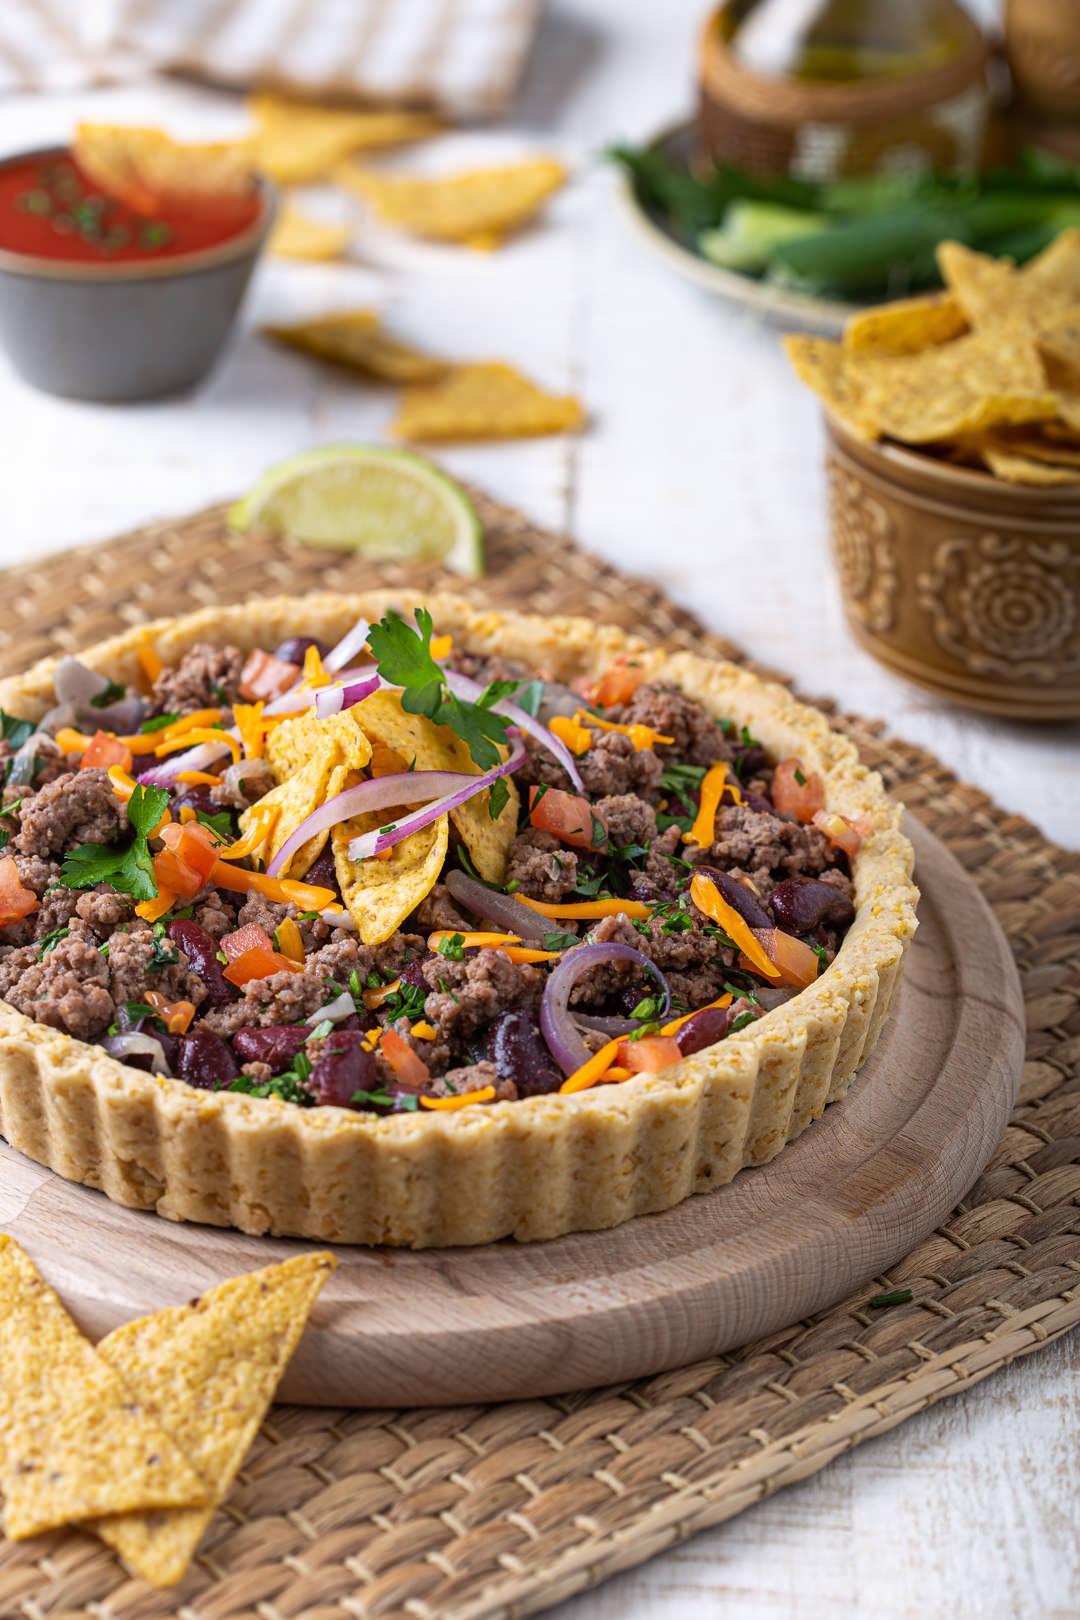 Chili con carne pita od tortilja čipsa recept Darkova Web Kuharica